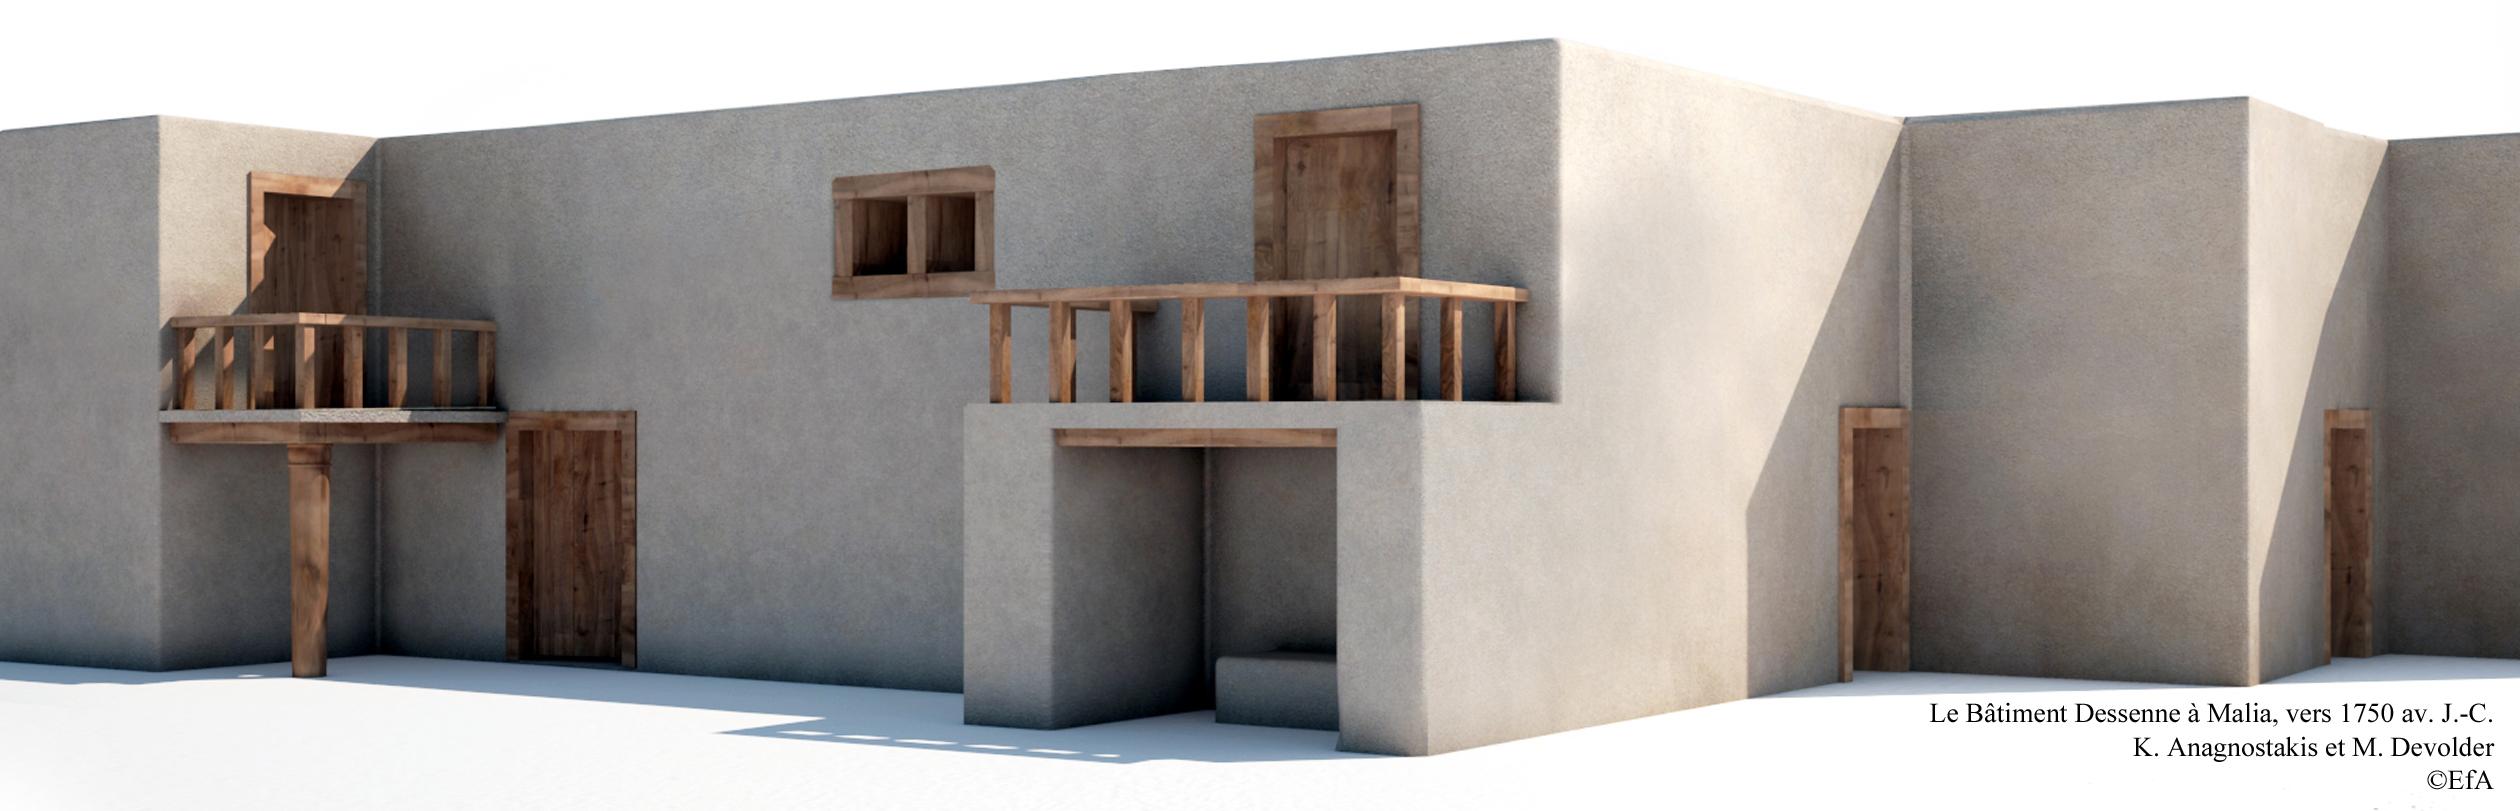 Figure 4. Proposition de reconstitution de la façade Ouest du premier état du Bâtiment Dessenne. K. Anagnostakis et M. Devolder ©EFA